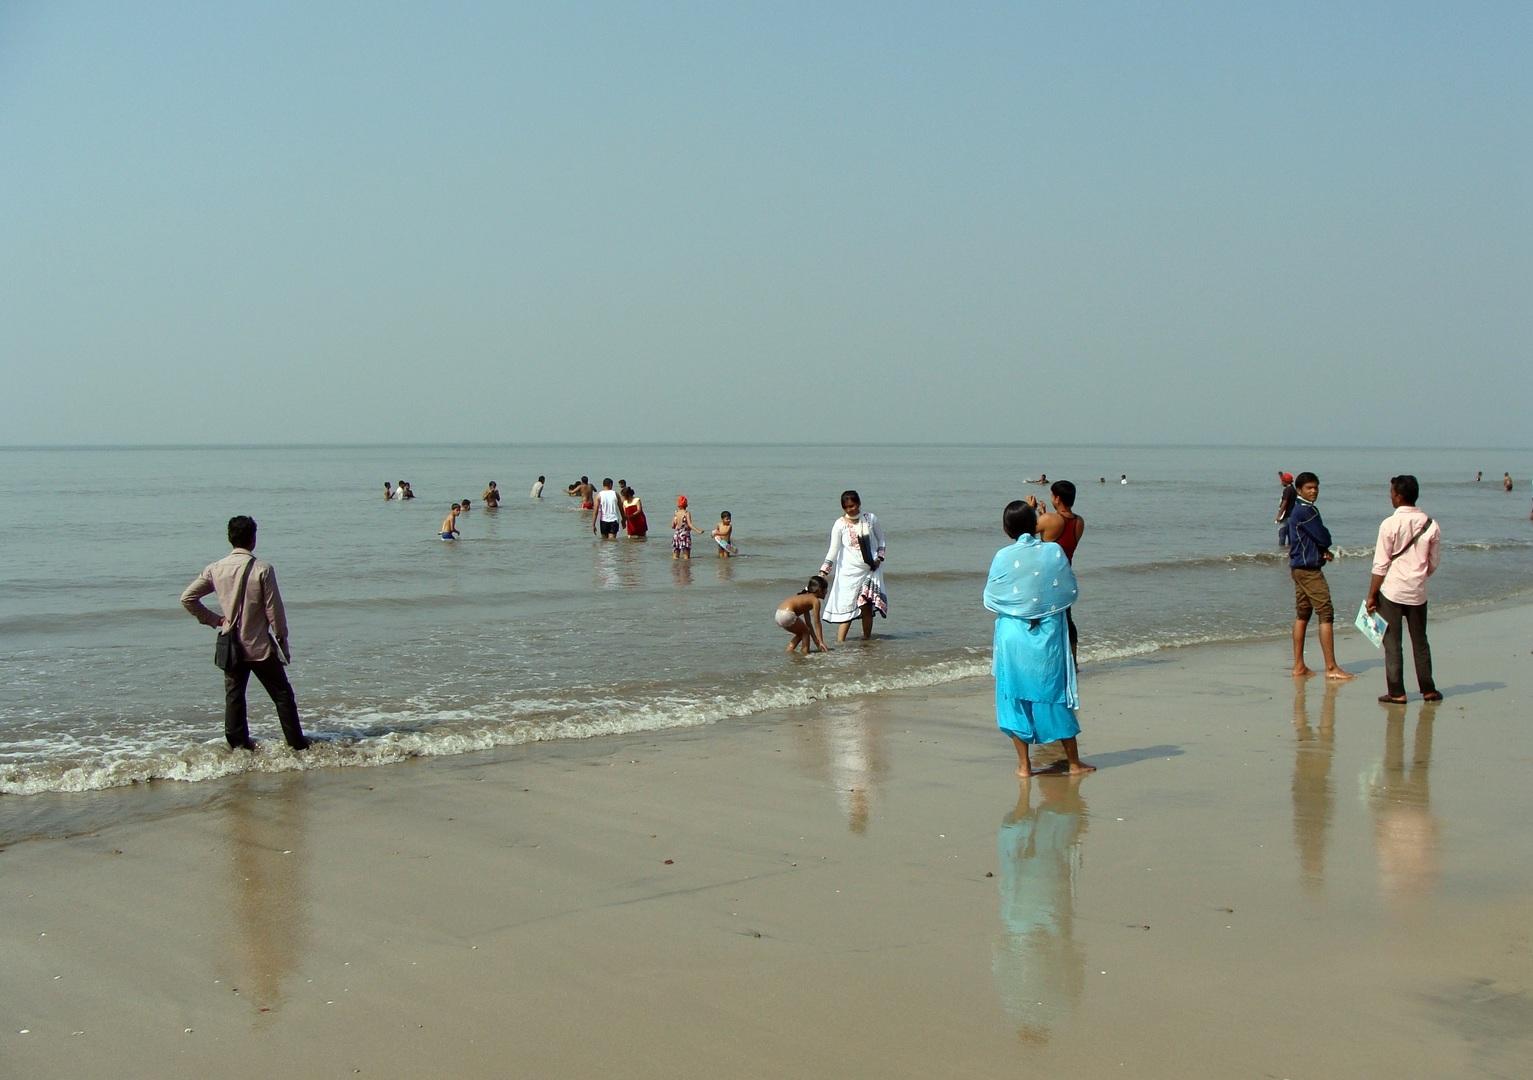 Visit The Beaches of Mumbai